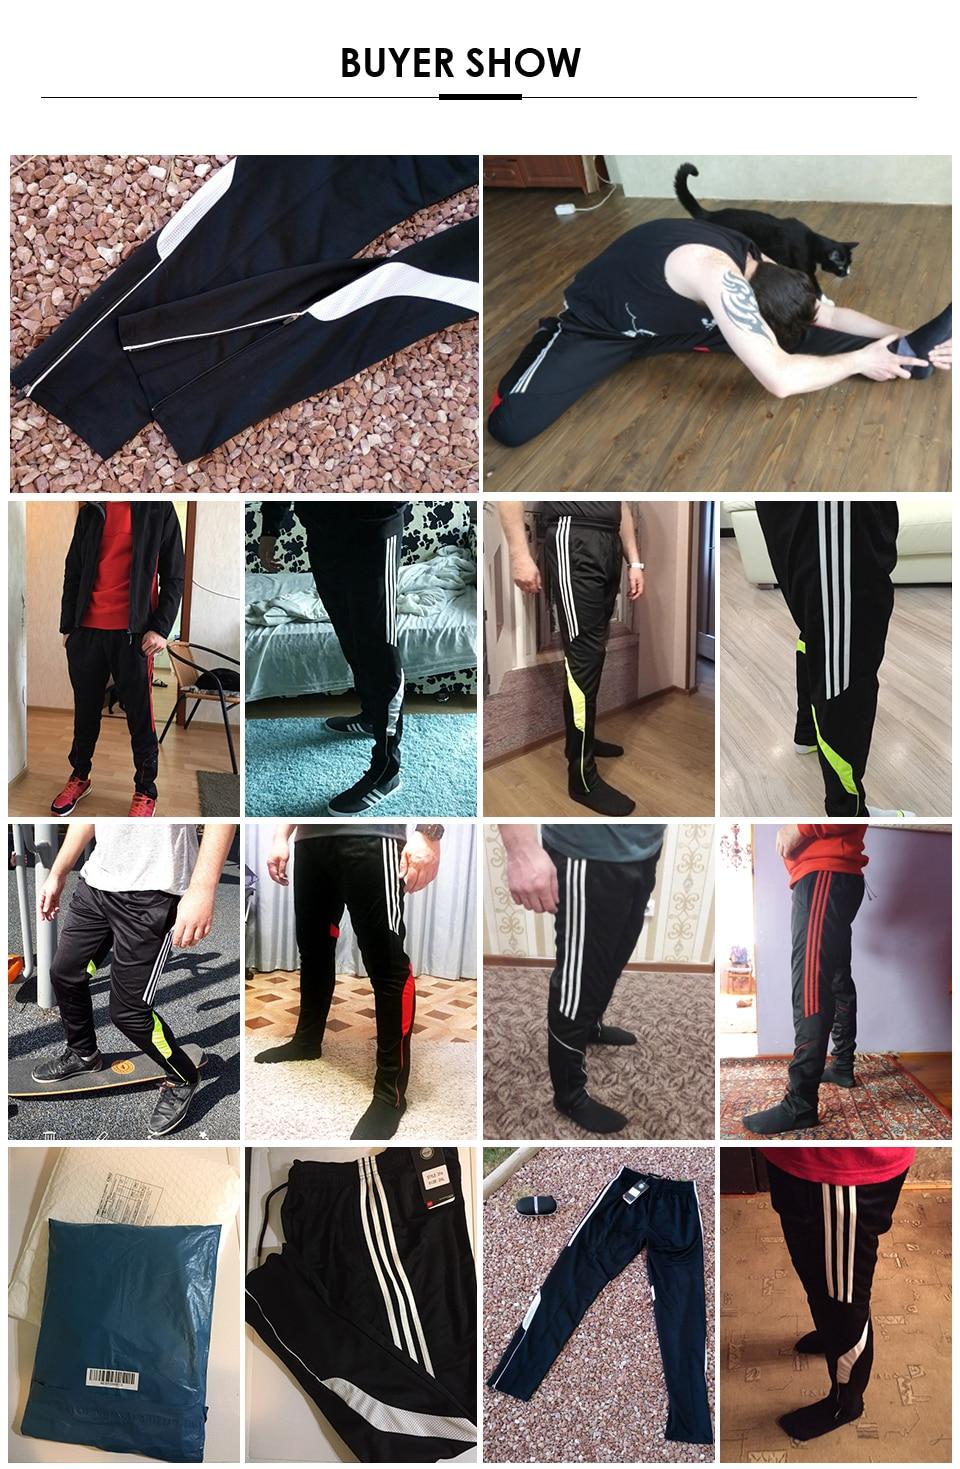 running pants buyer show